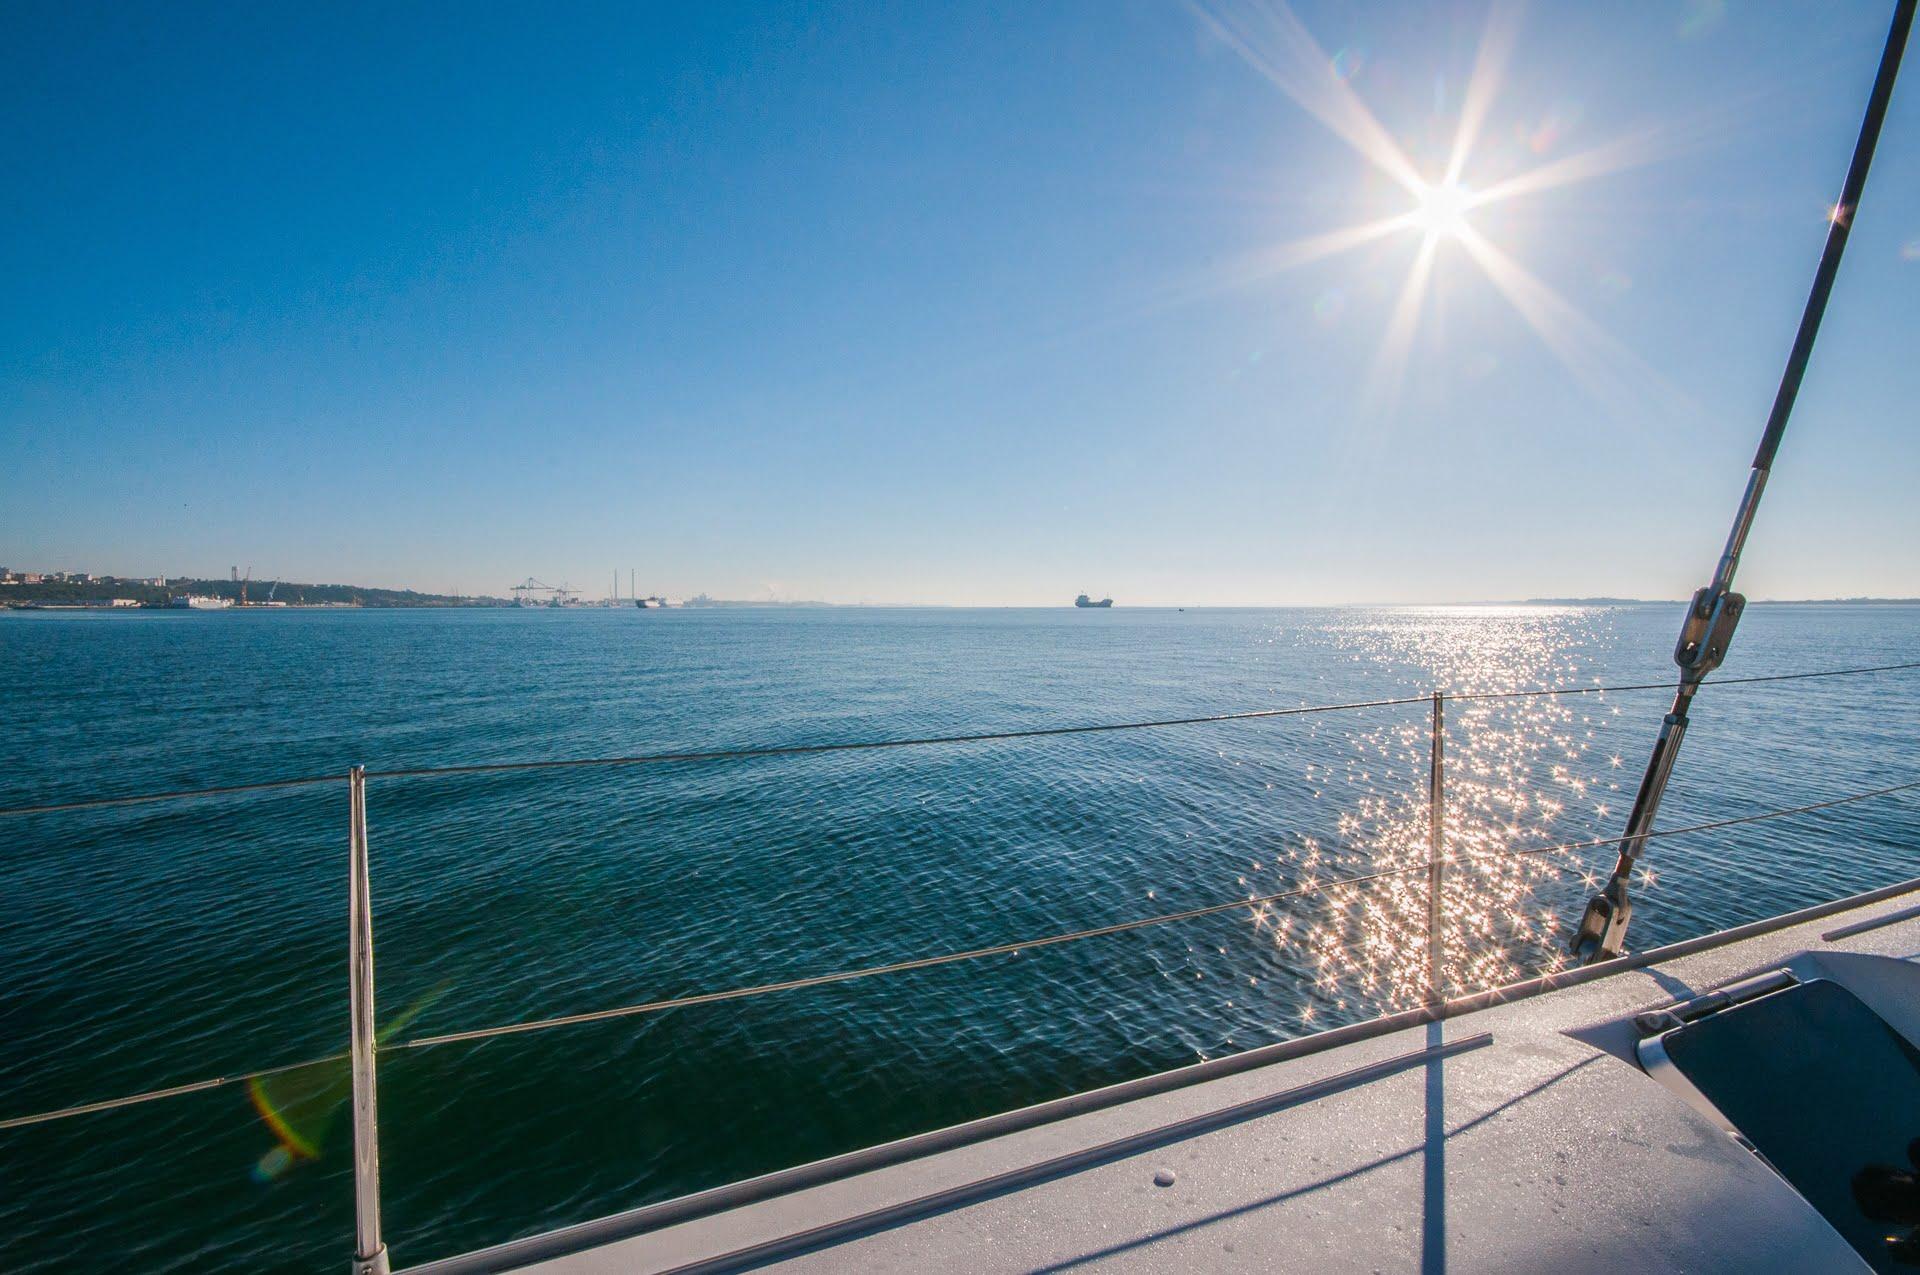 Setubal catamaran bis - Les globe blogueurs - blog voyage nature